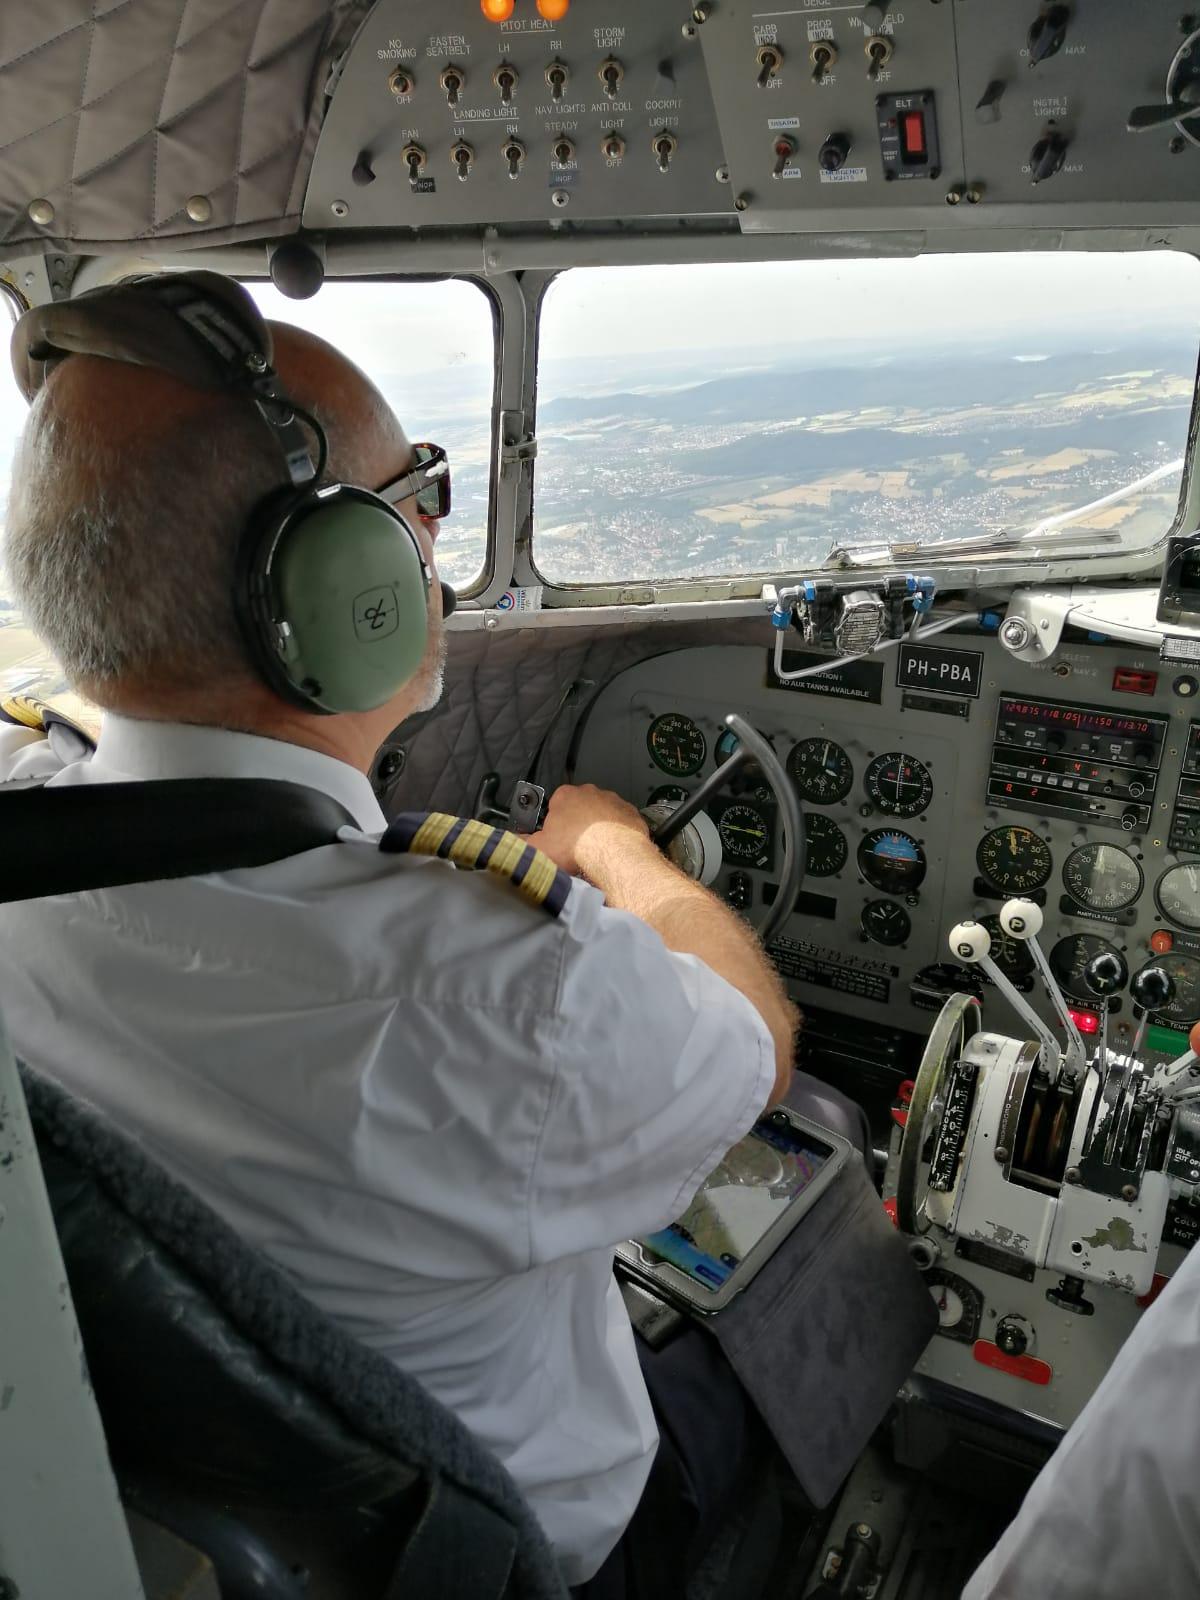 Es sah locker und lässig aus, wie sie flogen, doch sie waren jederzeit in Kontrolle des Flugzeugs